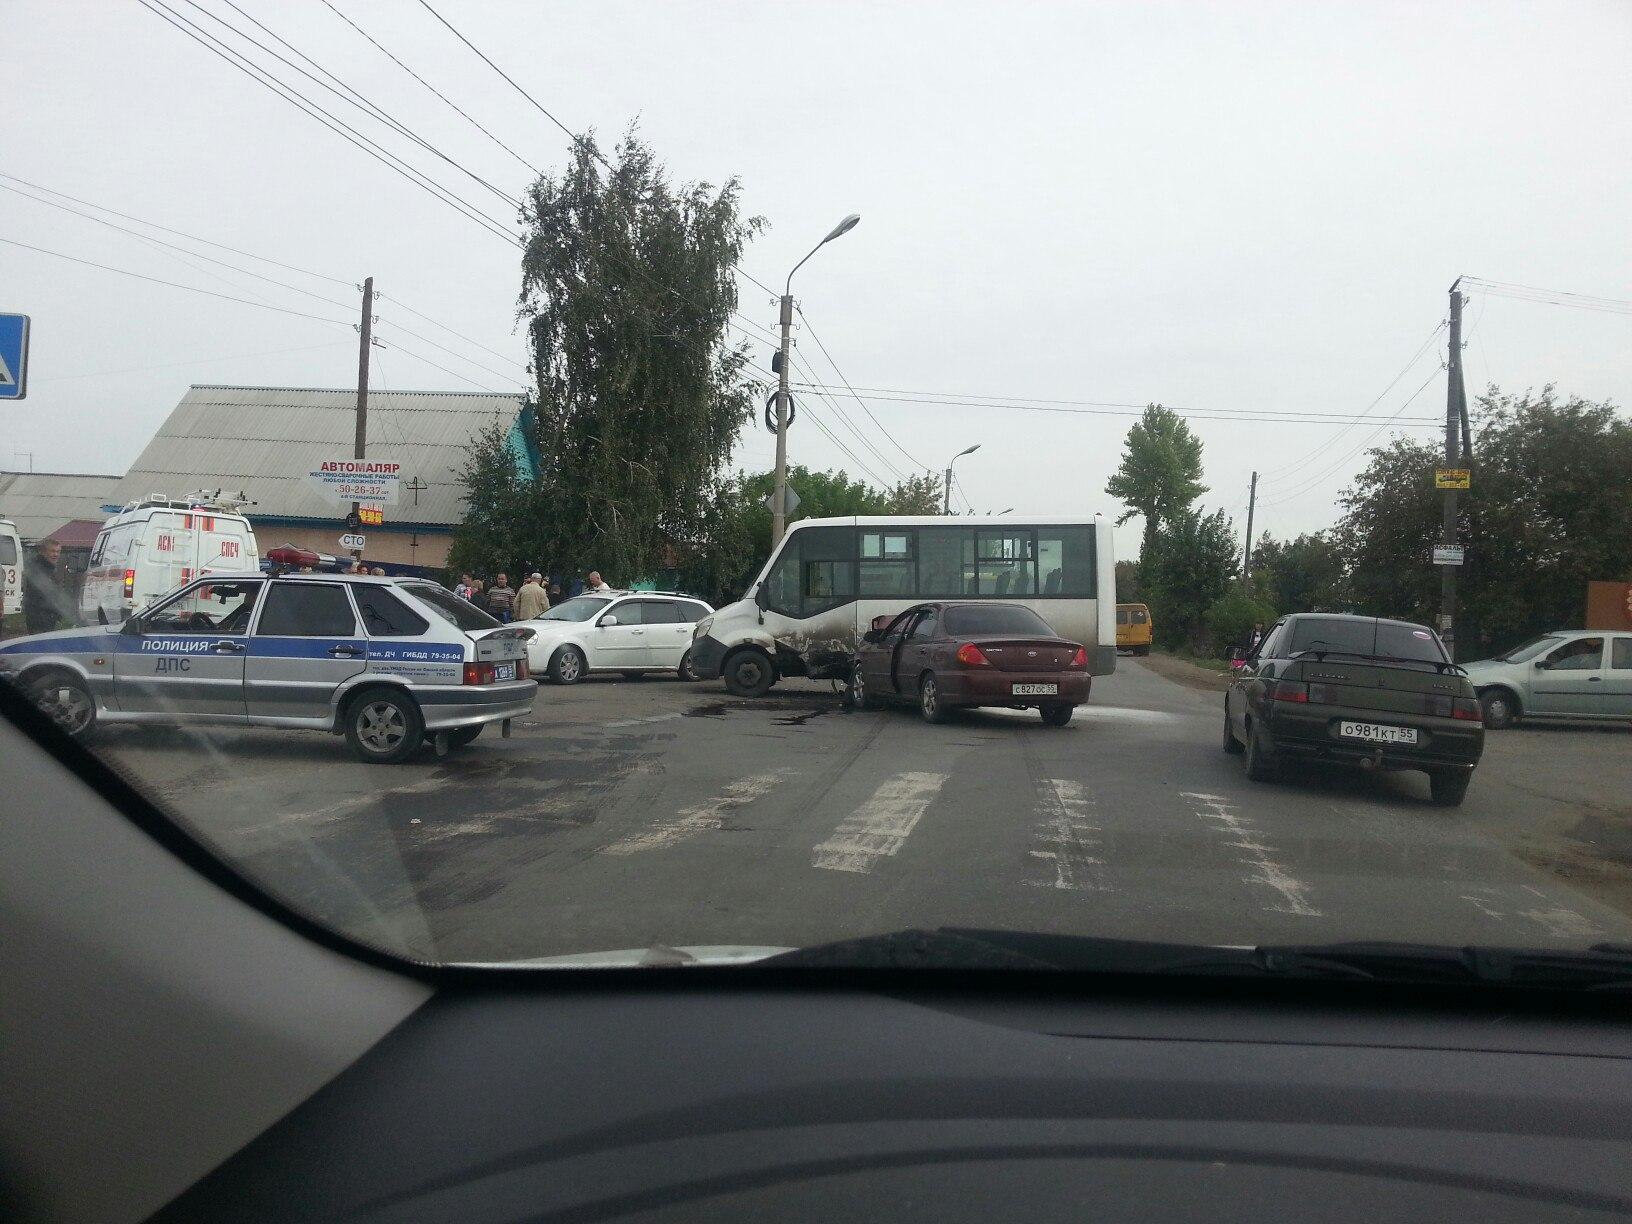 ВОмске столкнулись иностранная машина имаршрутка— пострадали 6 человек